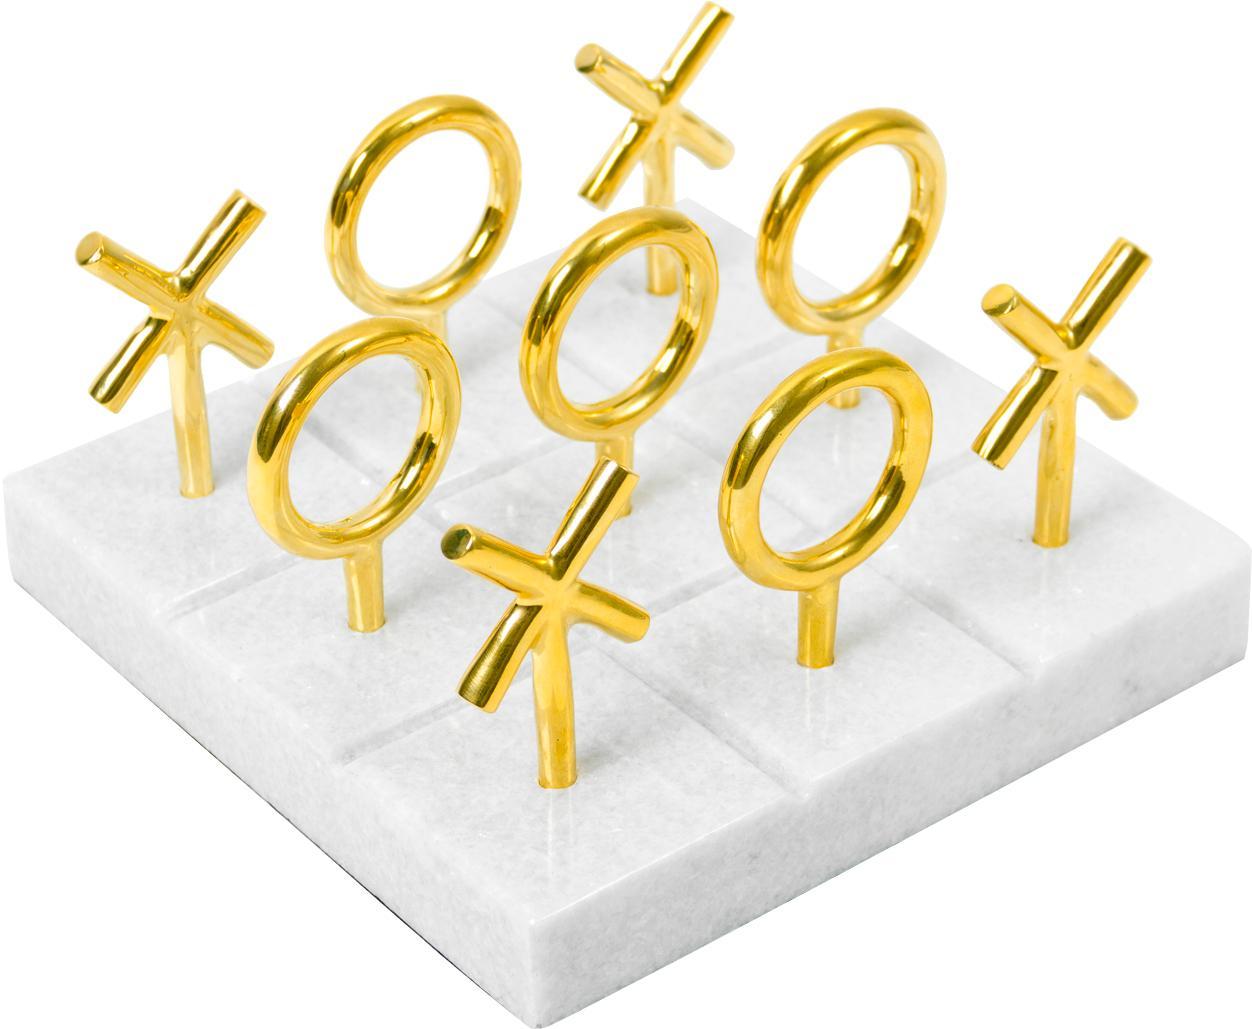 Juego de mesa de mármol Tic Tac Toe, Tablero: mármol, Piezas: latón Tablero: blanco, An 17 x Al 10 cm